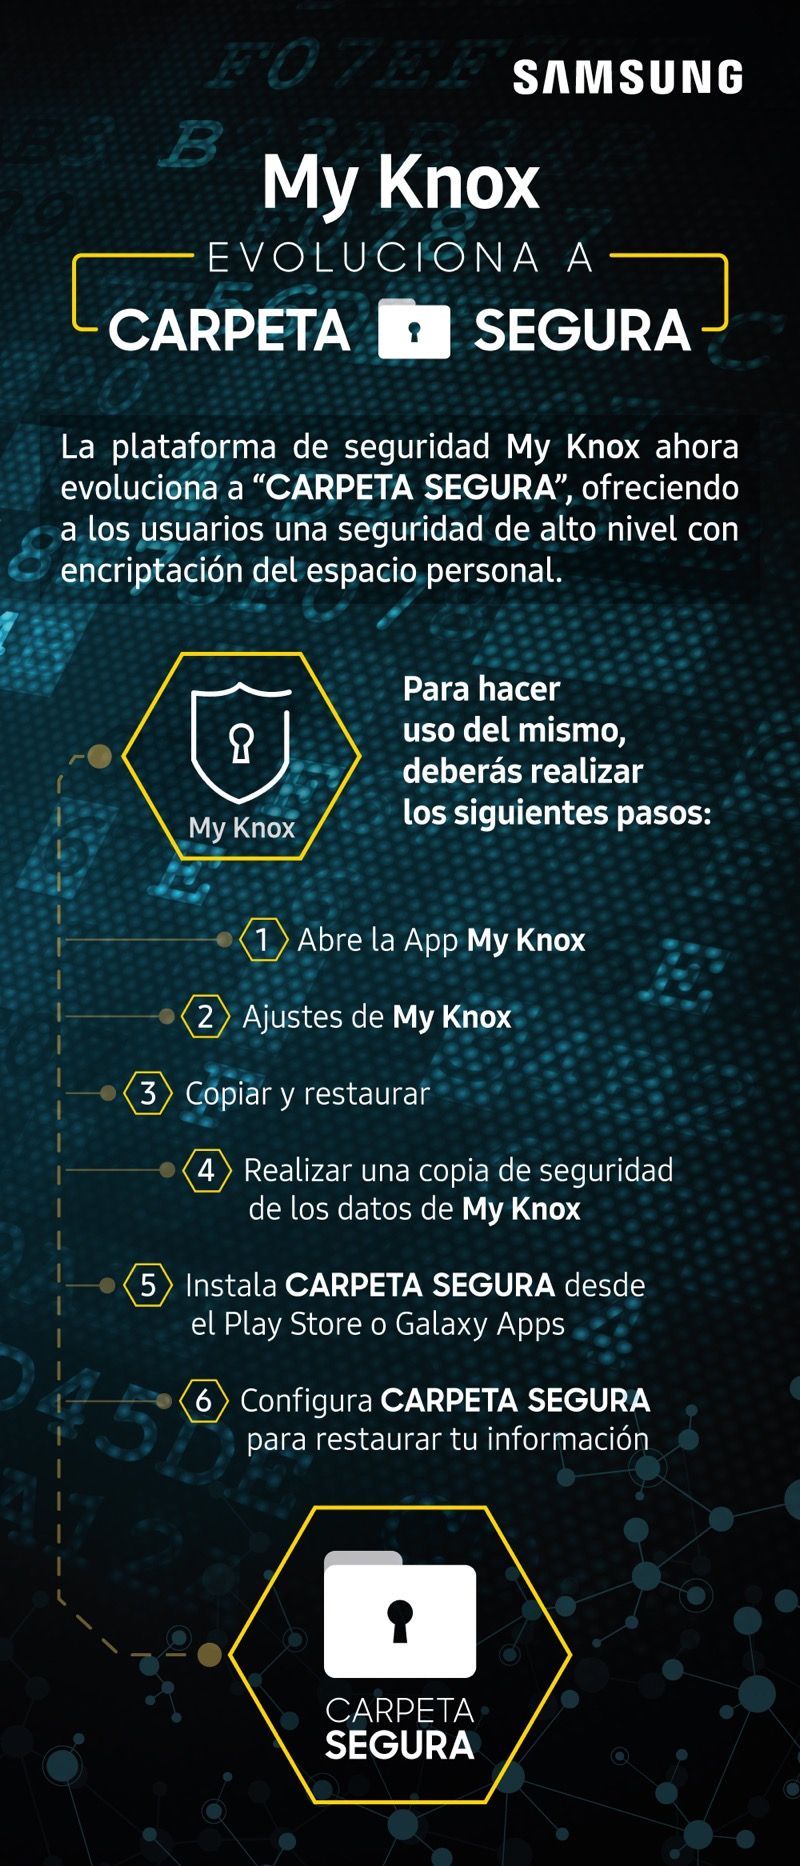 Samsung My Knox evoluciona a Carpeta Segura - samsung-my-knox-carpeta-segura